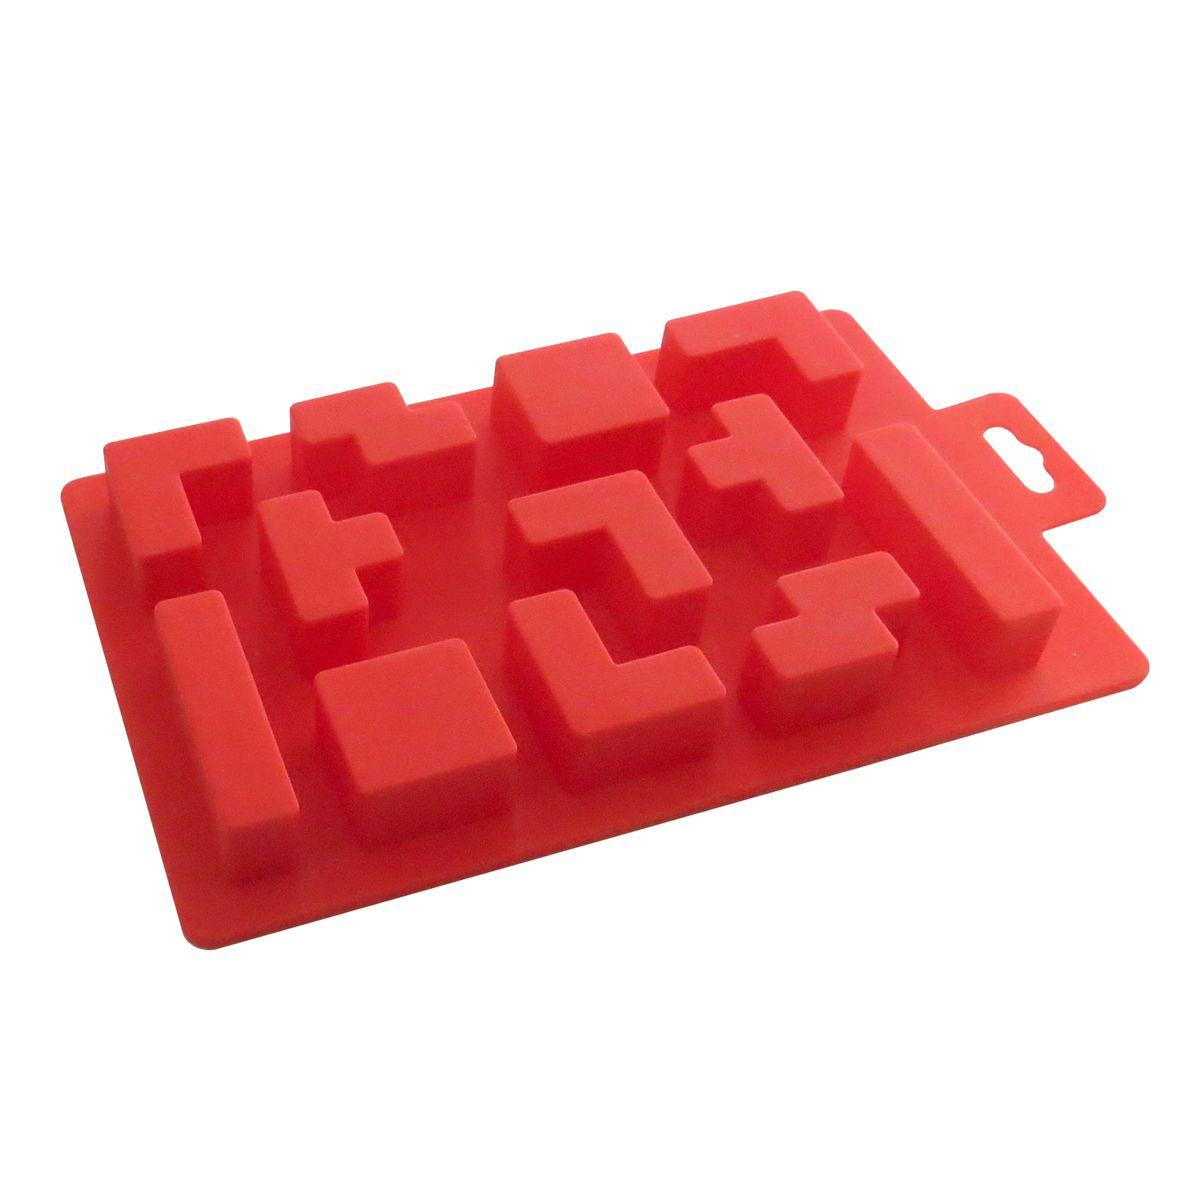 Forma em Silicone Blocos de Tetris - Kenya